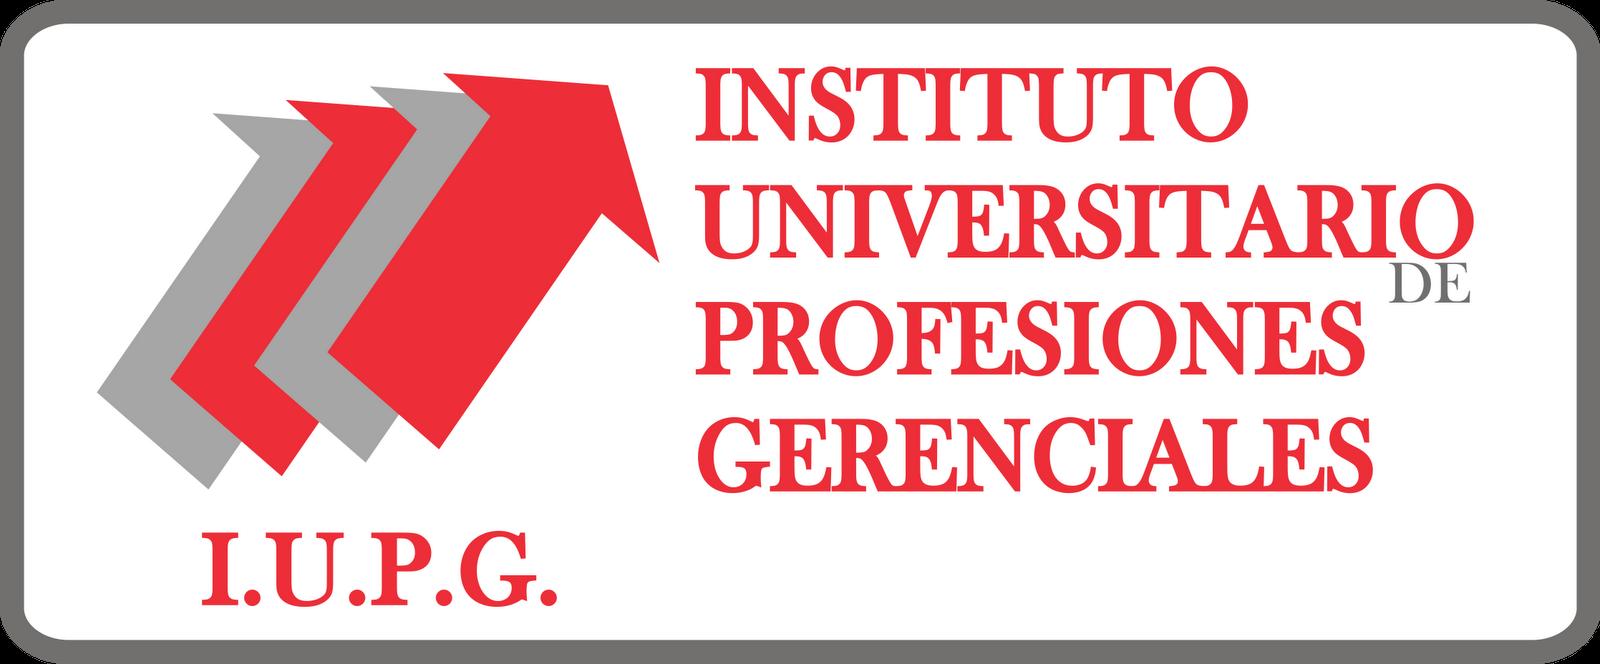 IUPG _INSITUTO UNIVERSITARIO DE PROFESIONES GERENCIALES